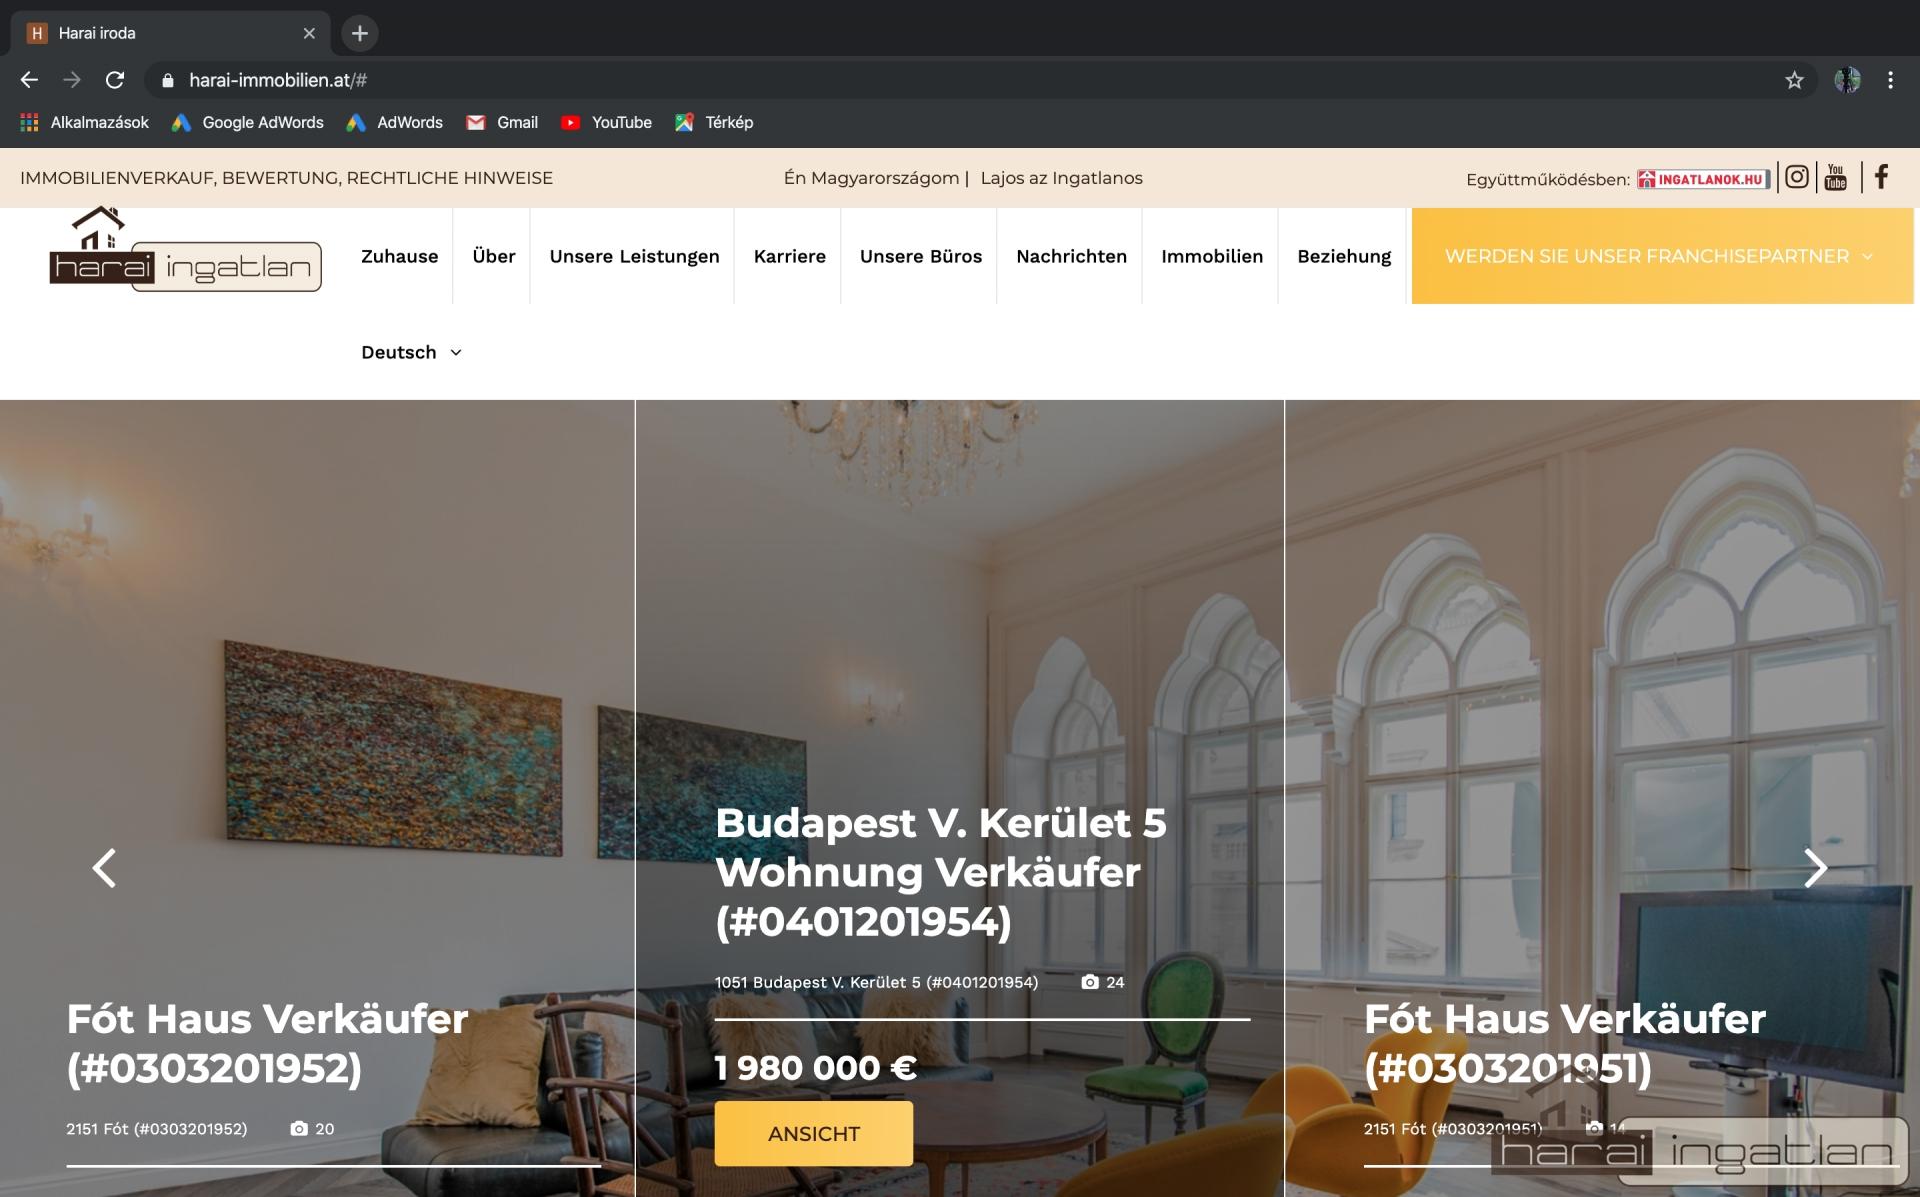 Már a www.harai-immobilien.at domain címen is elérhetik irodánk német nyelvű oldalát!